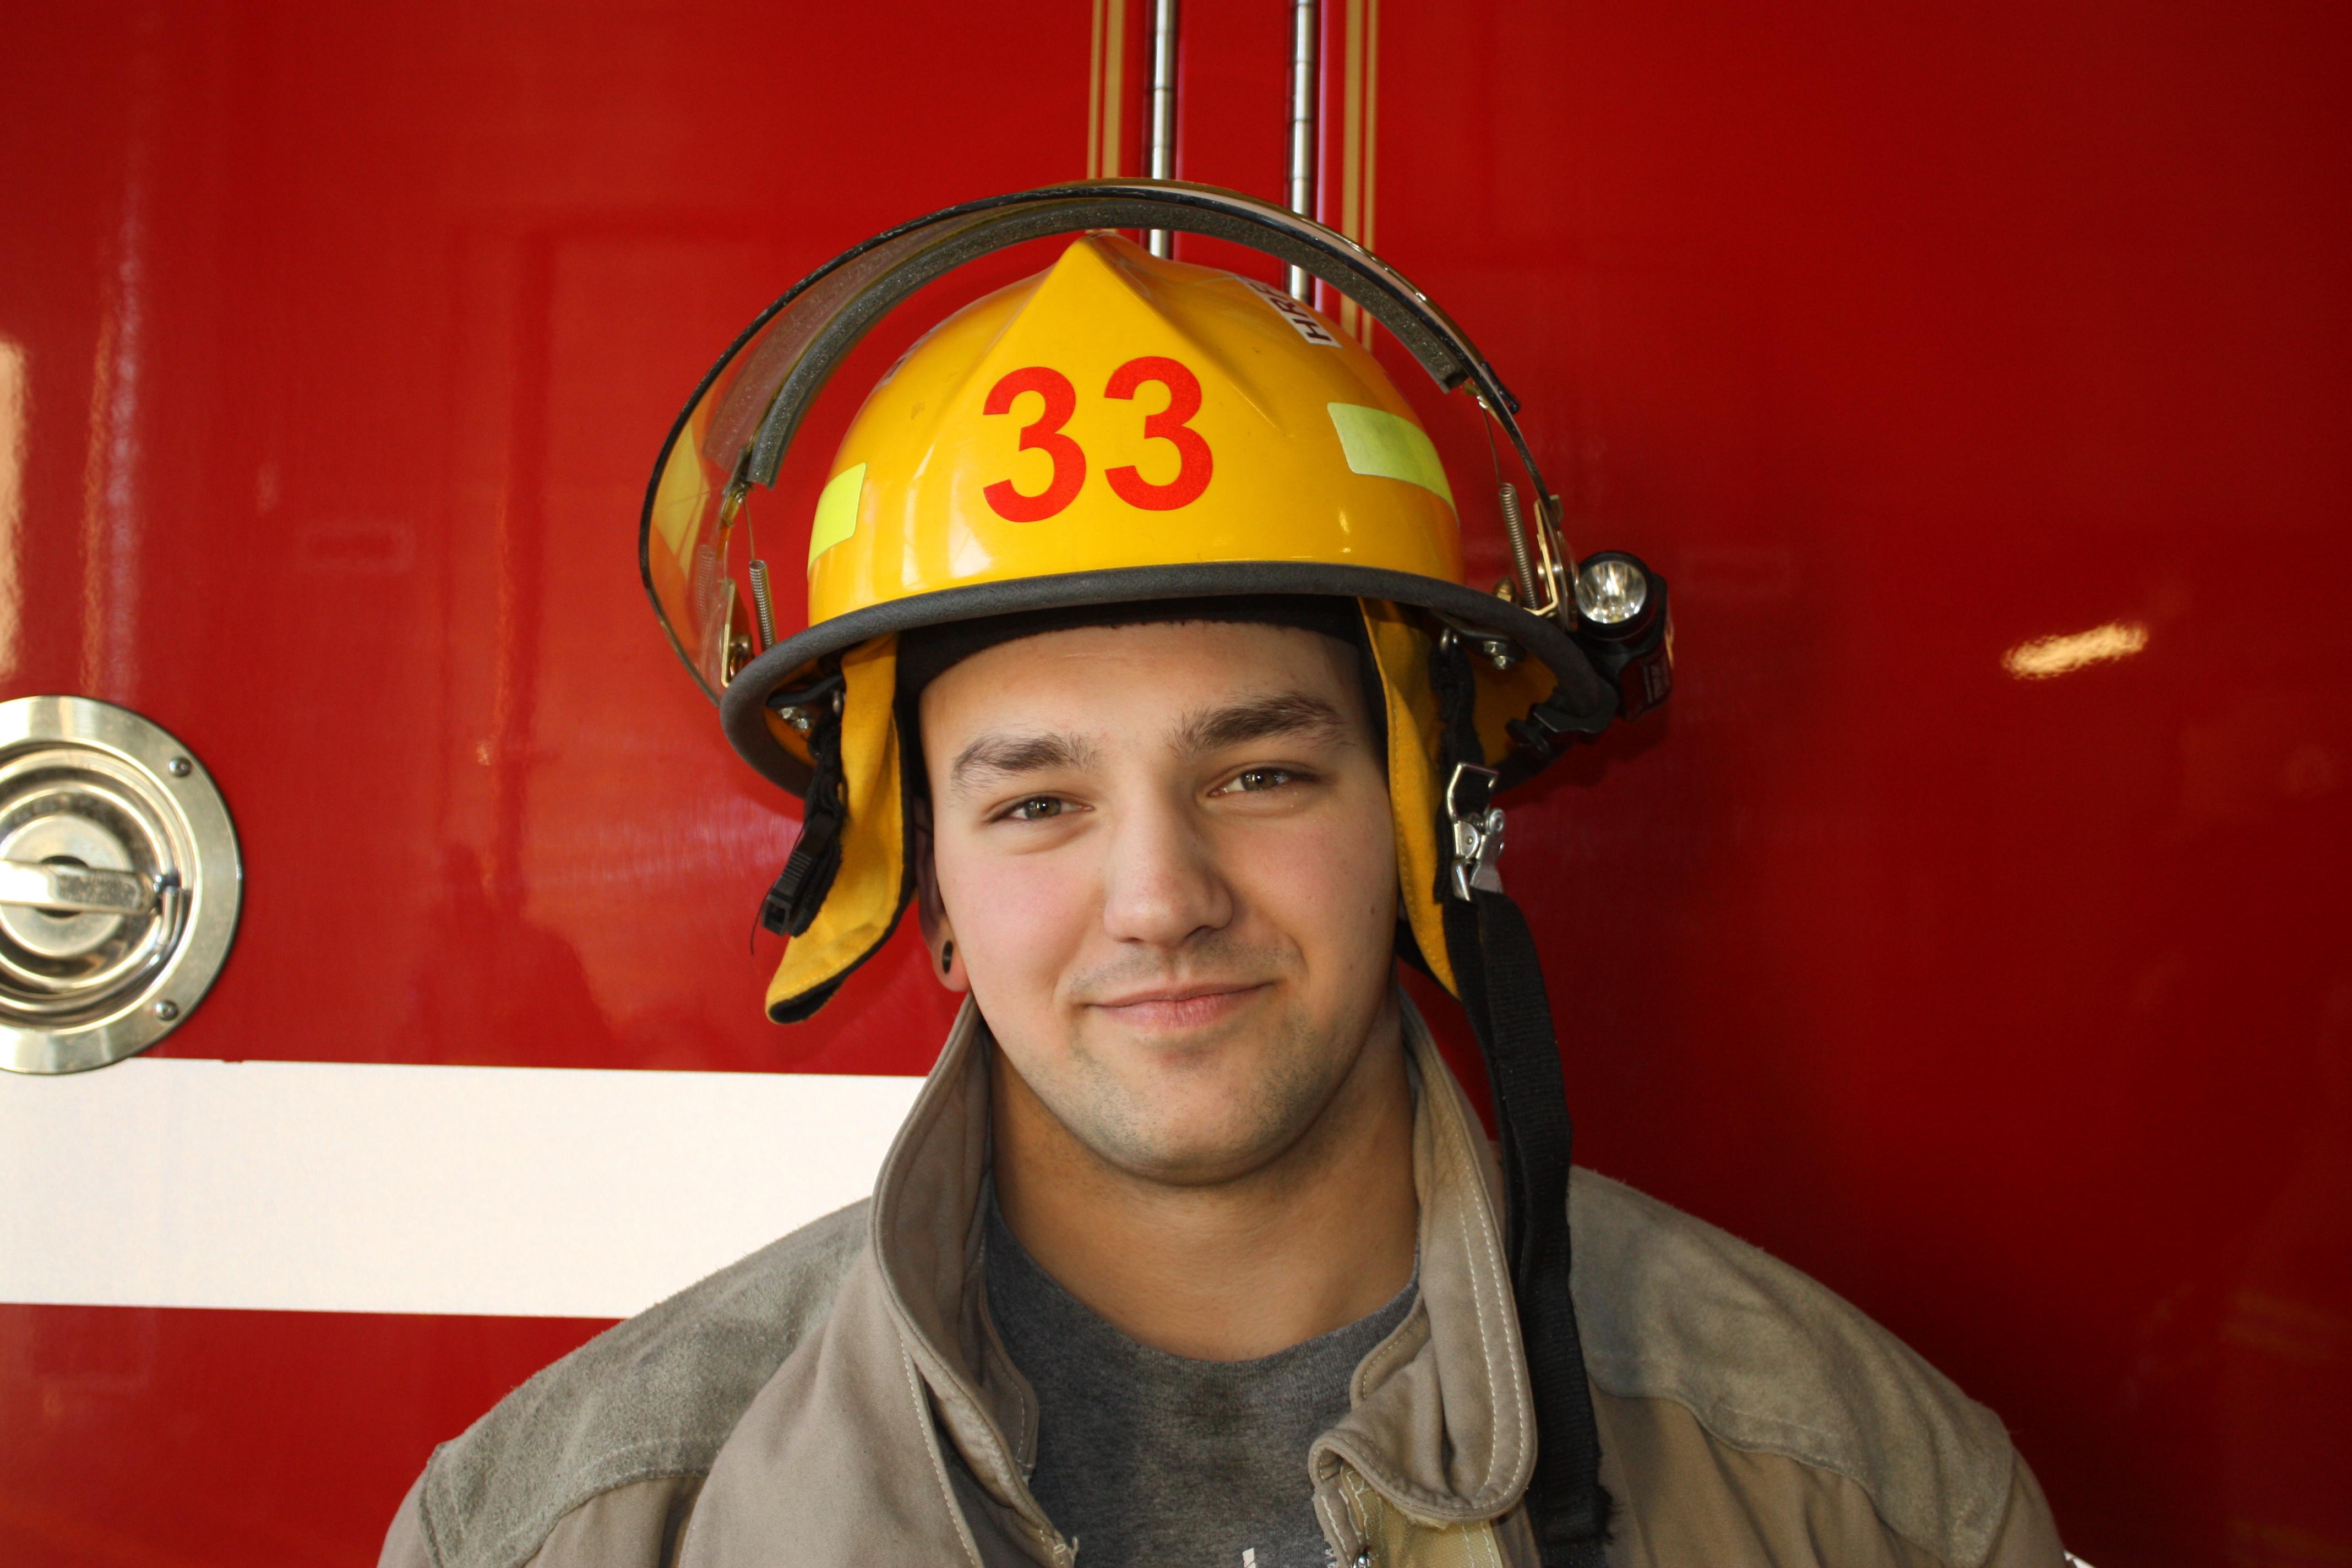 Firefighter #33